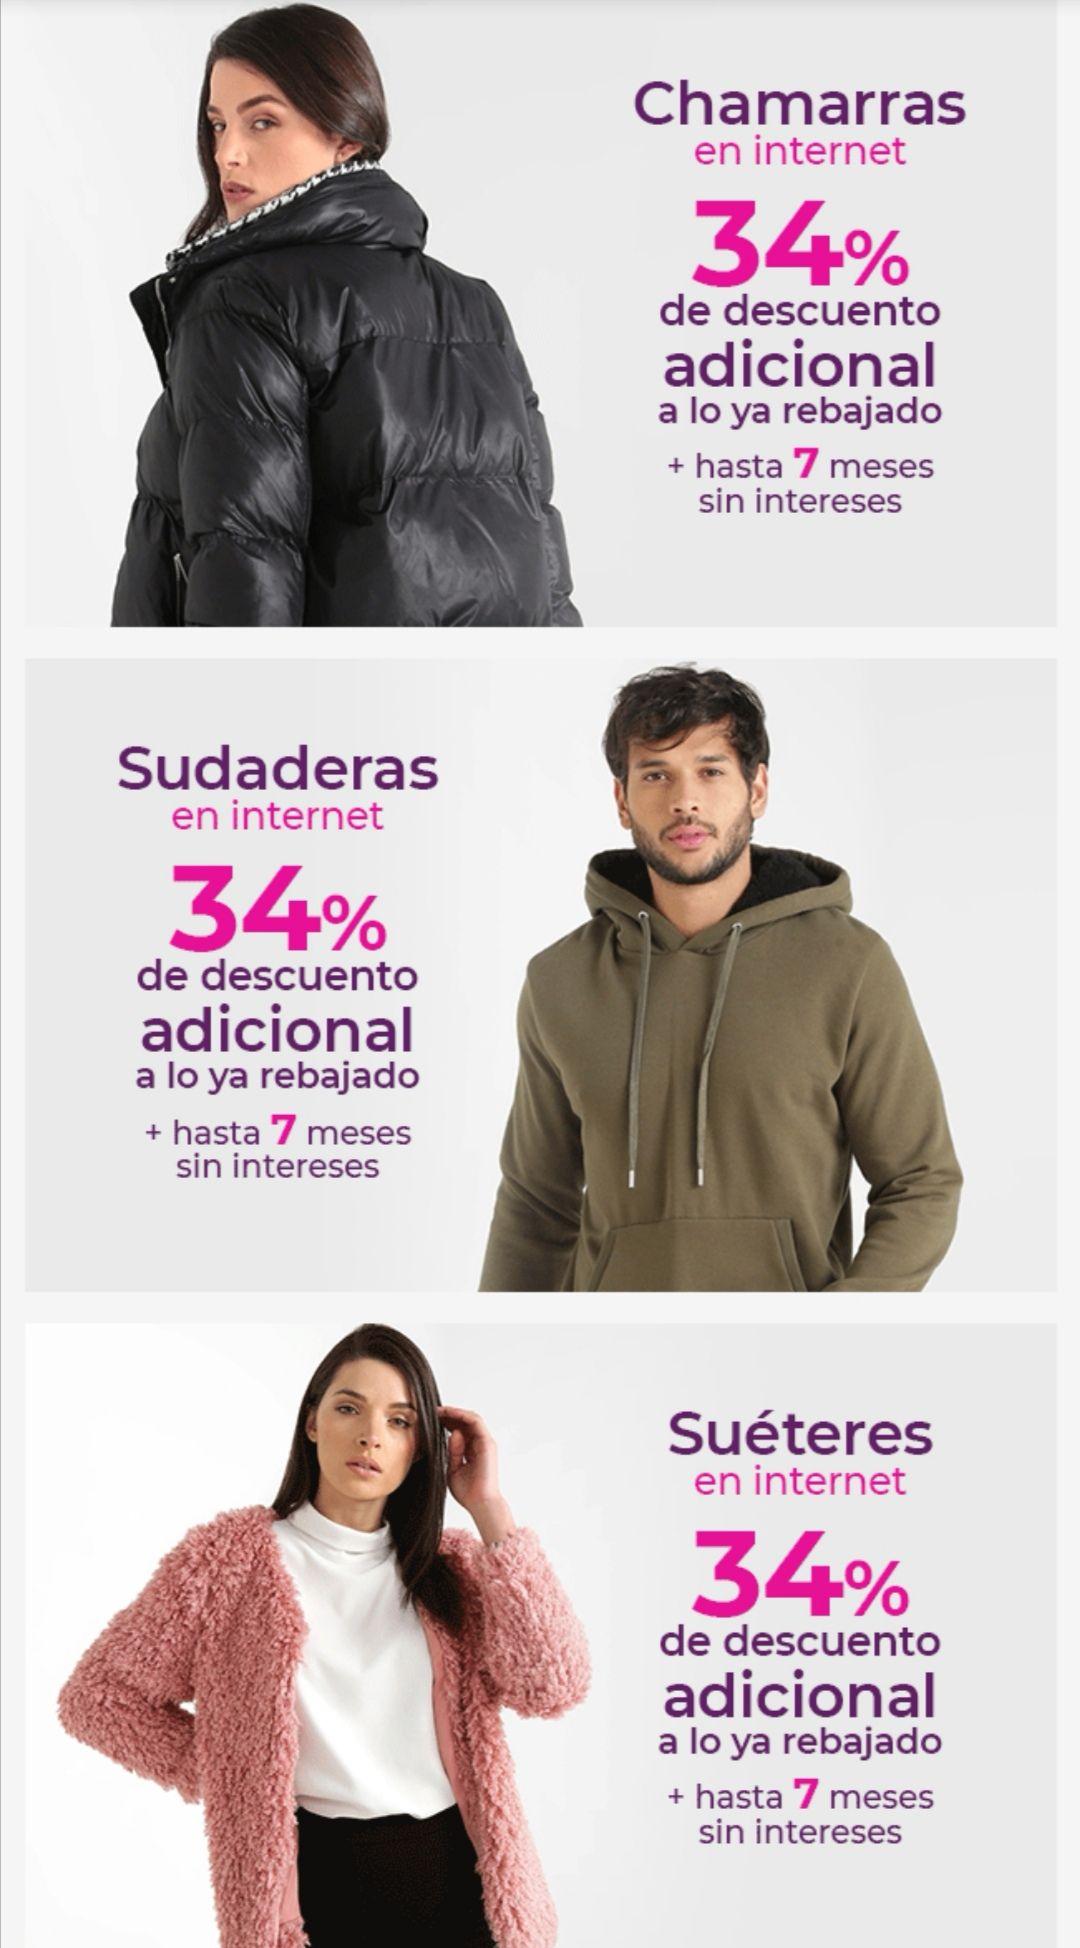 Suburbia: 34% de descuento en tienda en línea (ó 3x2 en tienda física) en chamarras, sudaderas, suéteres y chalecos